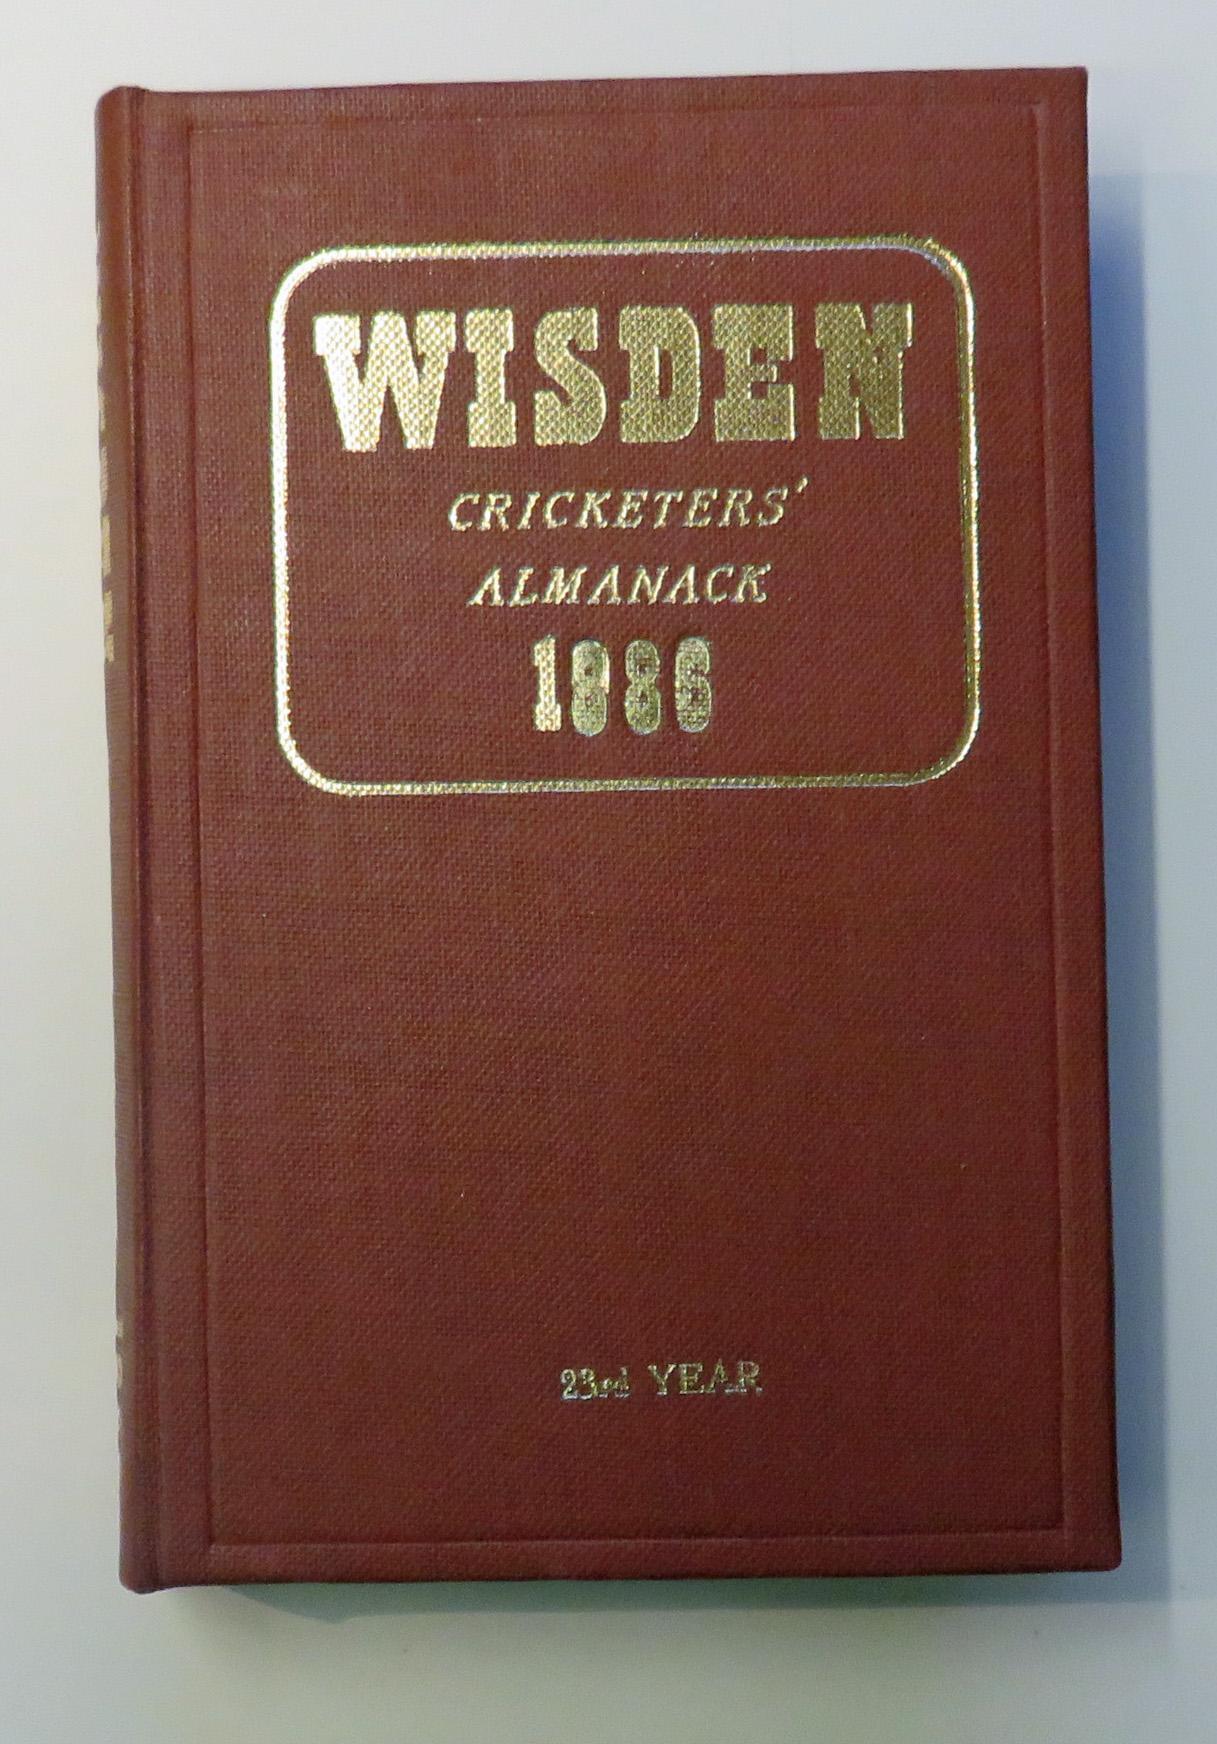 John Wisden's Cricketers' Almanack For 1886